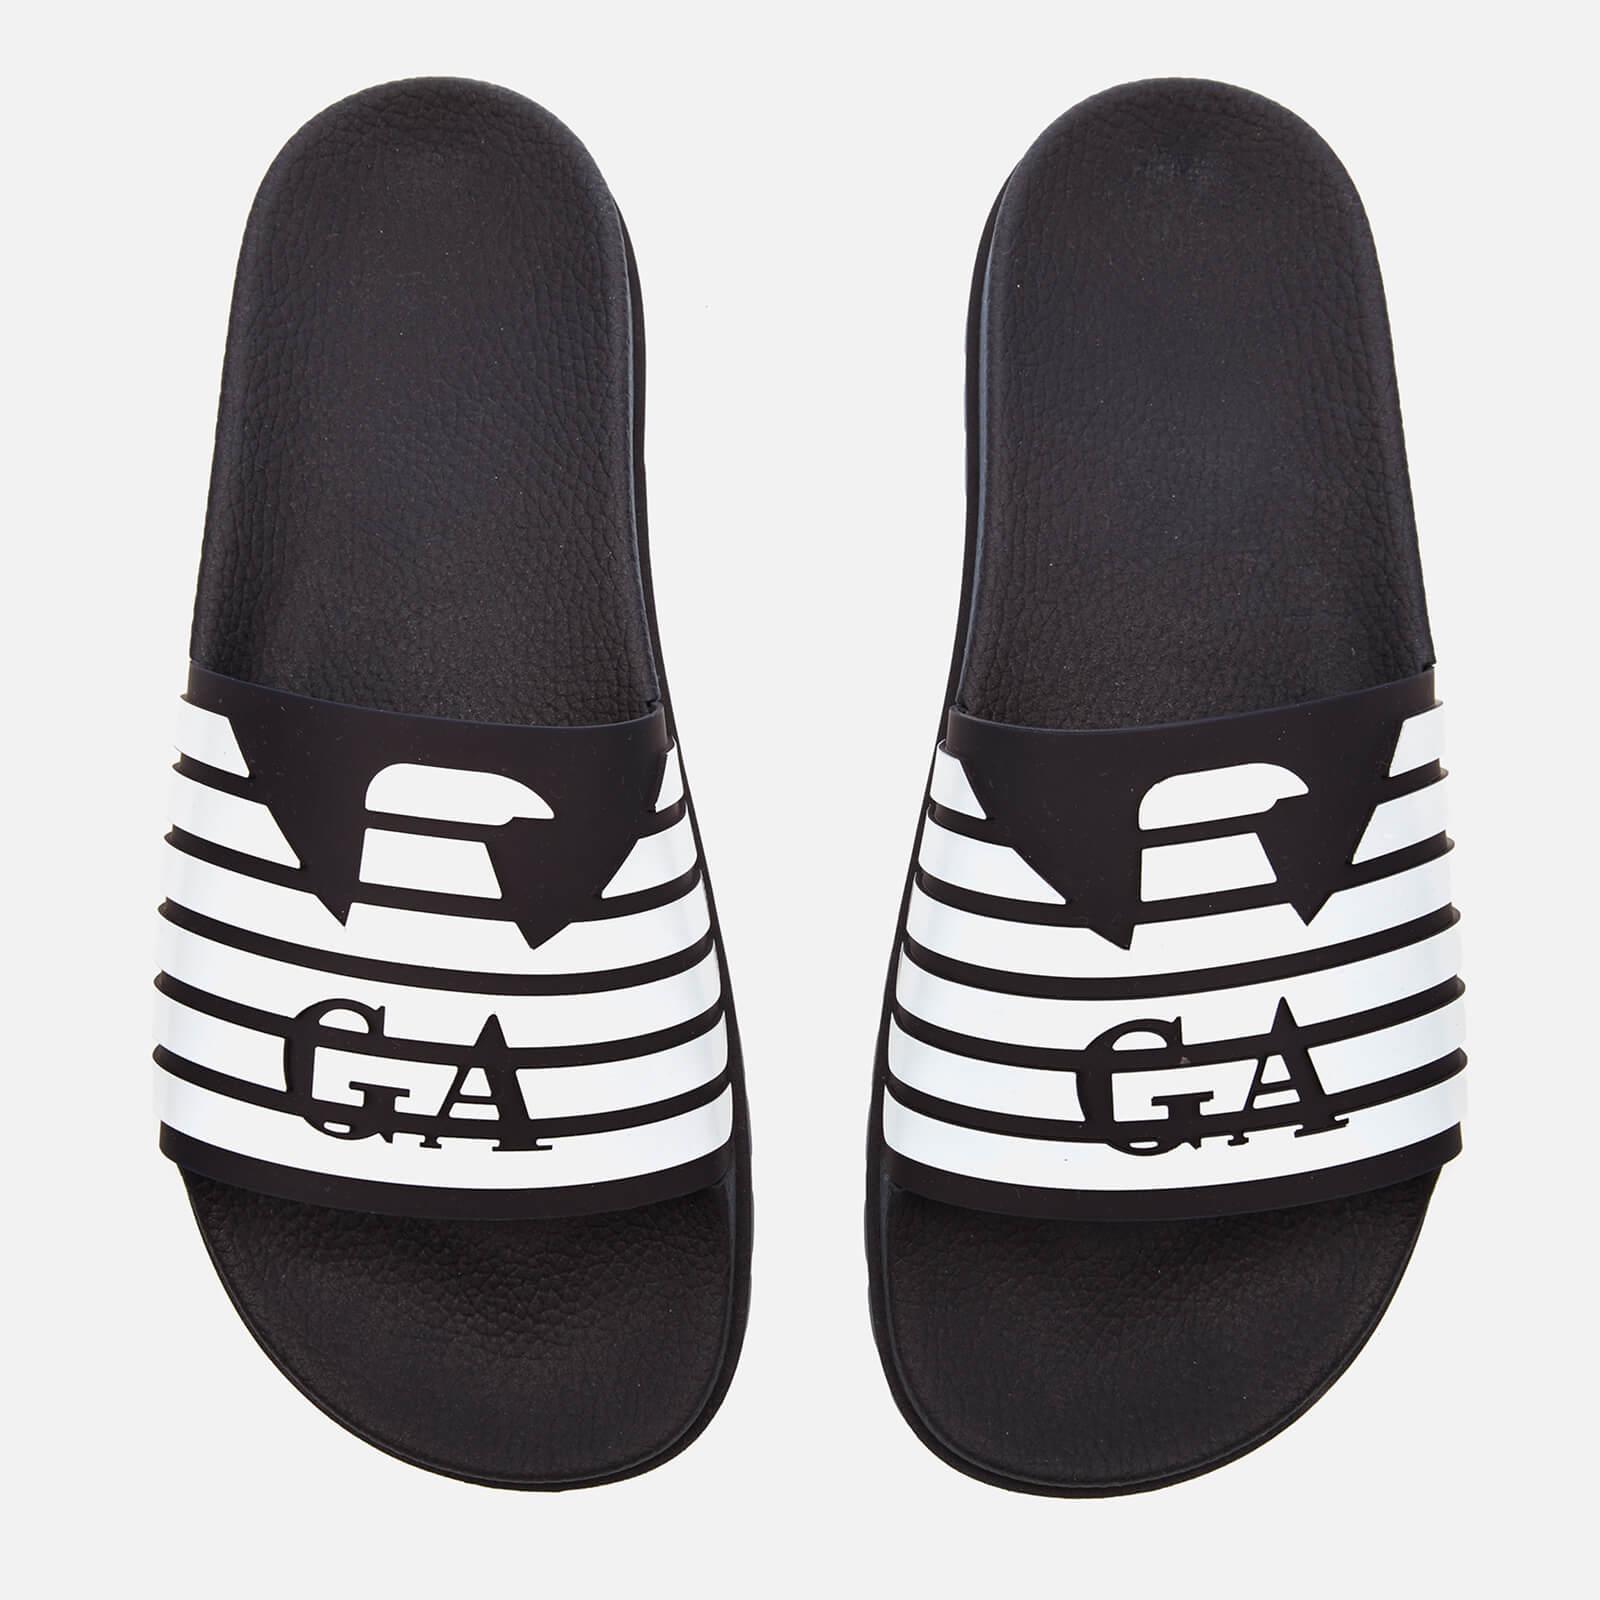 bb7dcd5840 Emporio Armani Men's Zup Slide Sandals - Blue/Night/White